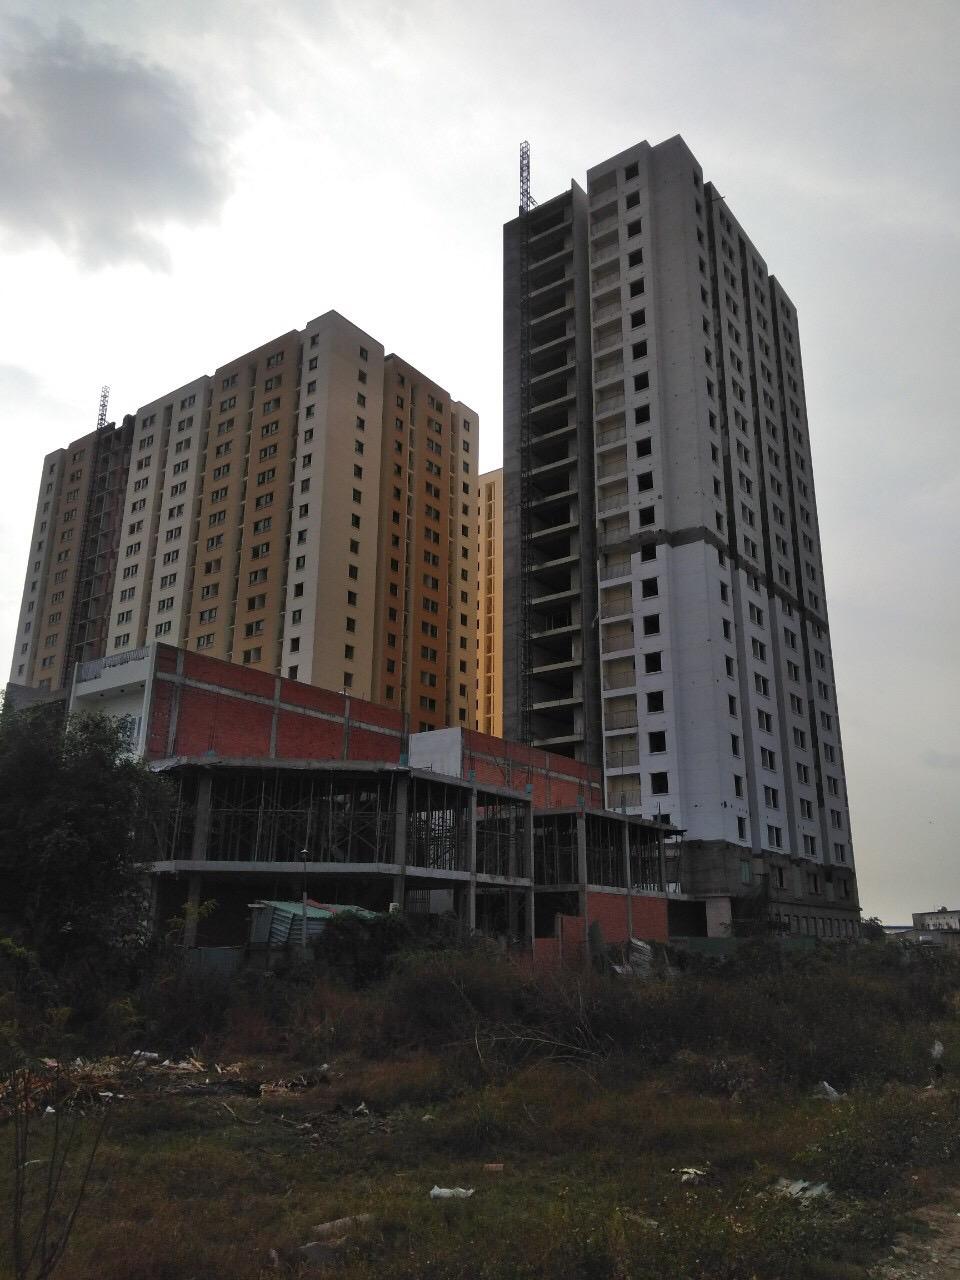 Dù chủ đầu tư đã kéo dài thời hạn bàn giao nhà nhiều lần nhưng đến nay vẫn chưa giao nhà được cho cư dân